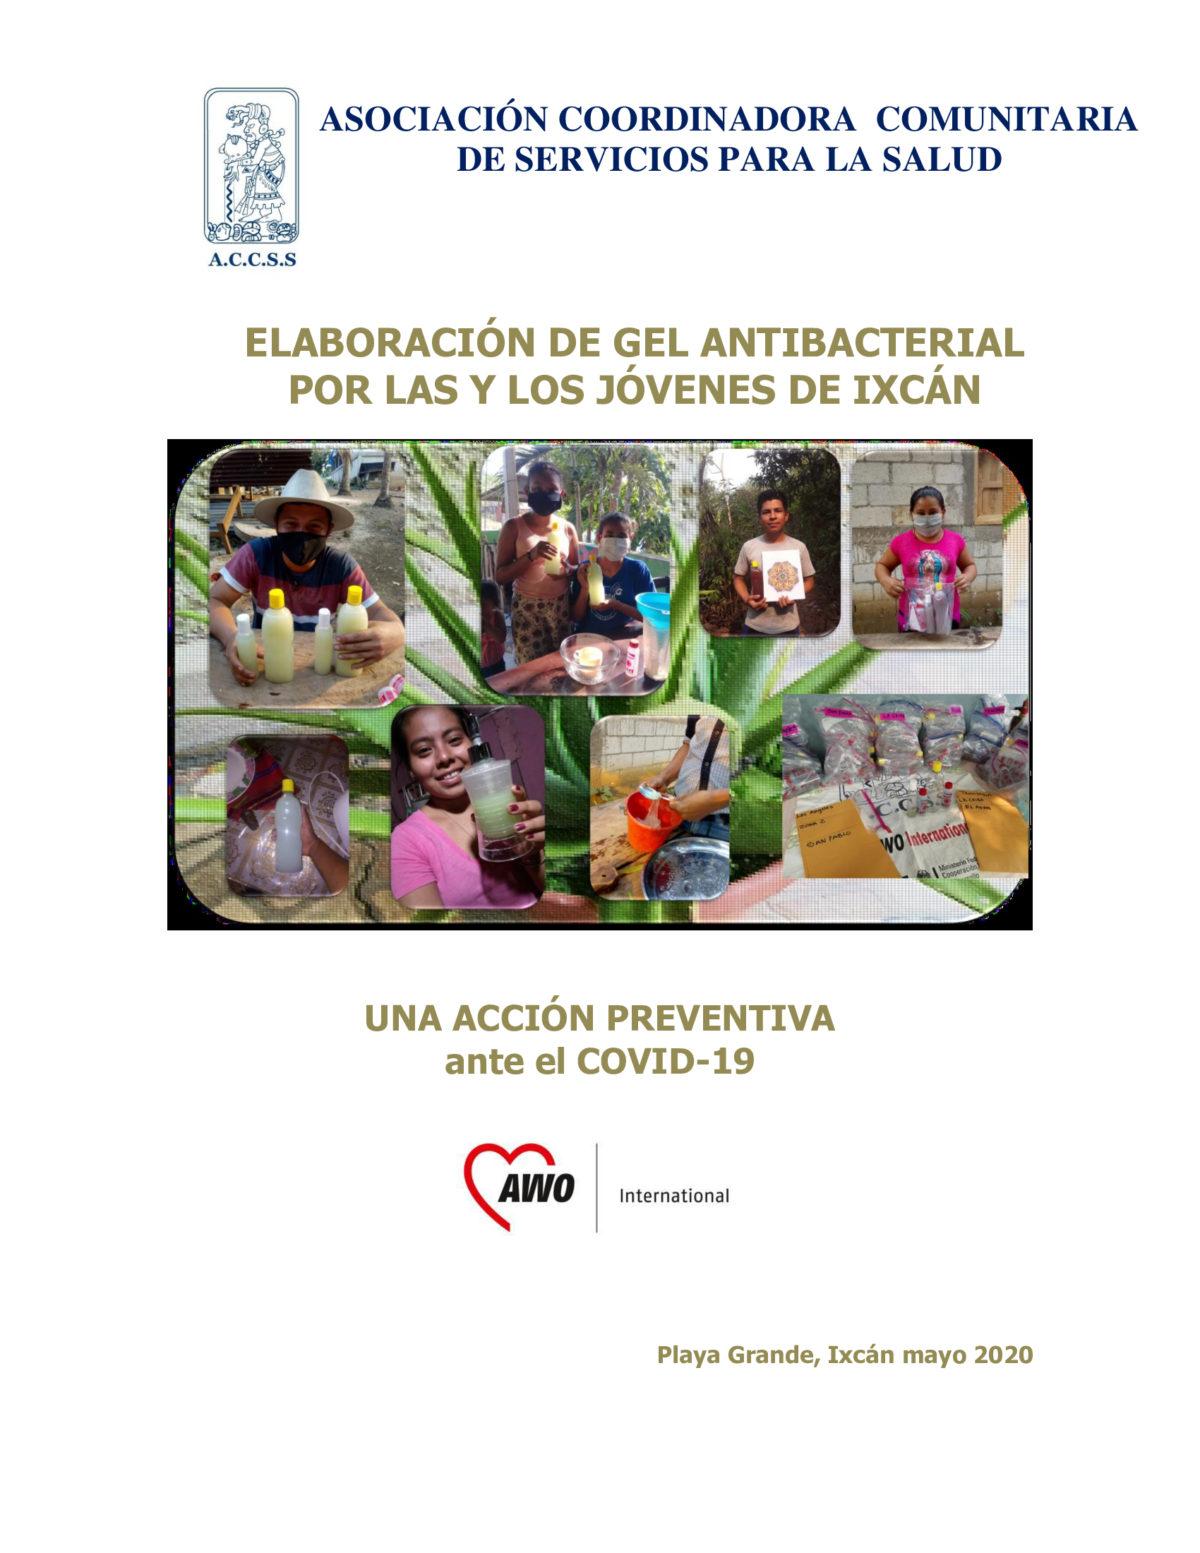 Las y los Jóvenes de Ixcán elaboran Gel Antibacterial, como acción preventiva ante el COVID-19